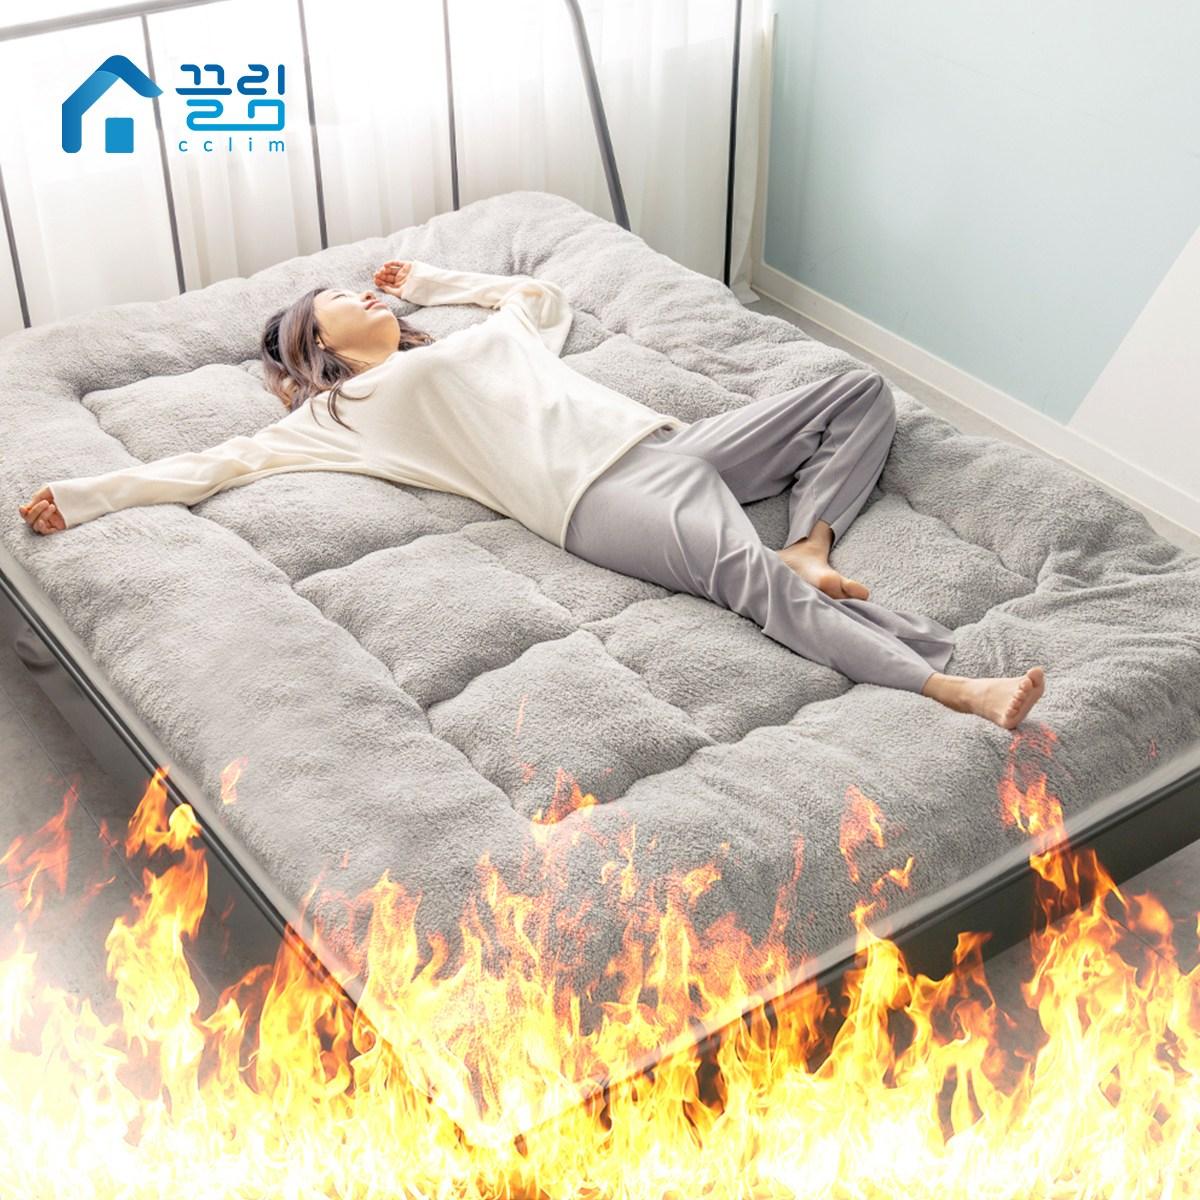 겨울필수품 자가발열 웜매트 스스로 따뜻해지는 침대 패드 토퍼 매트리스 출시기념 특가! 당일출고!